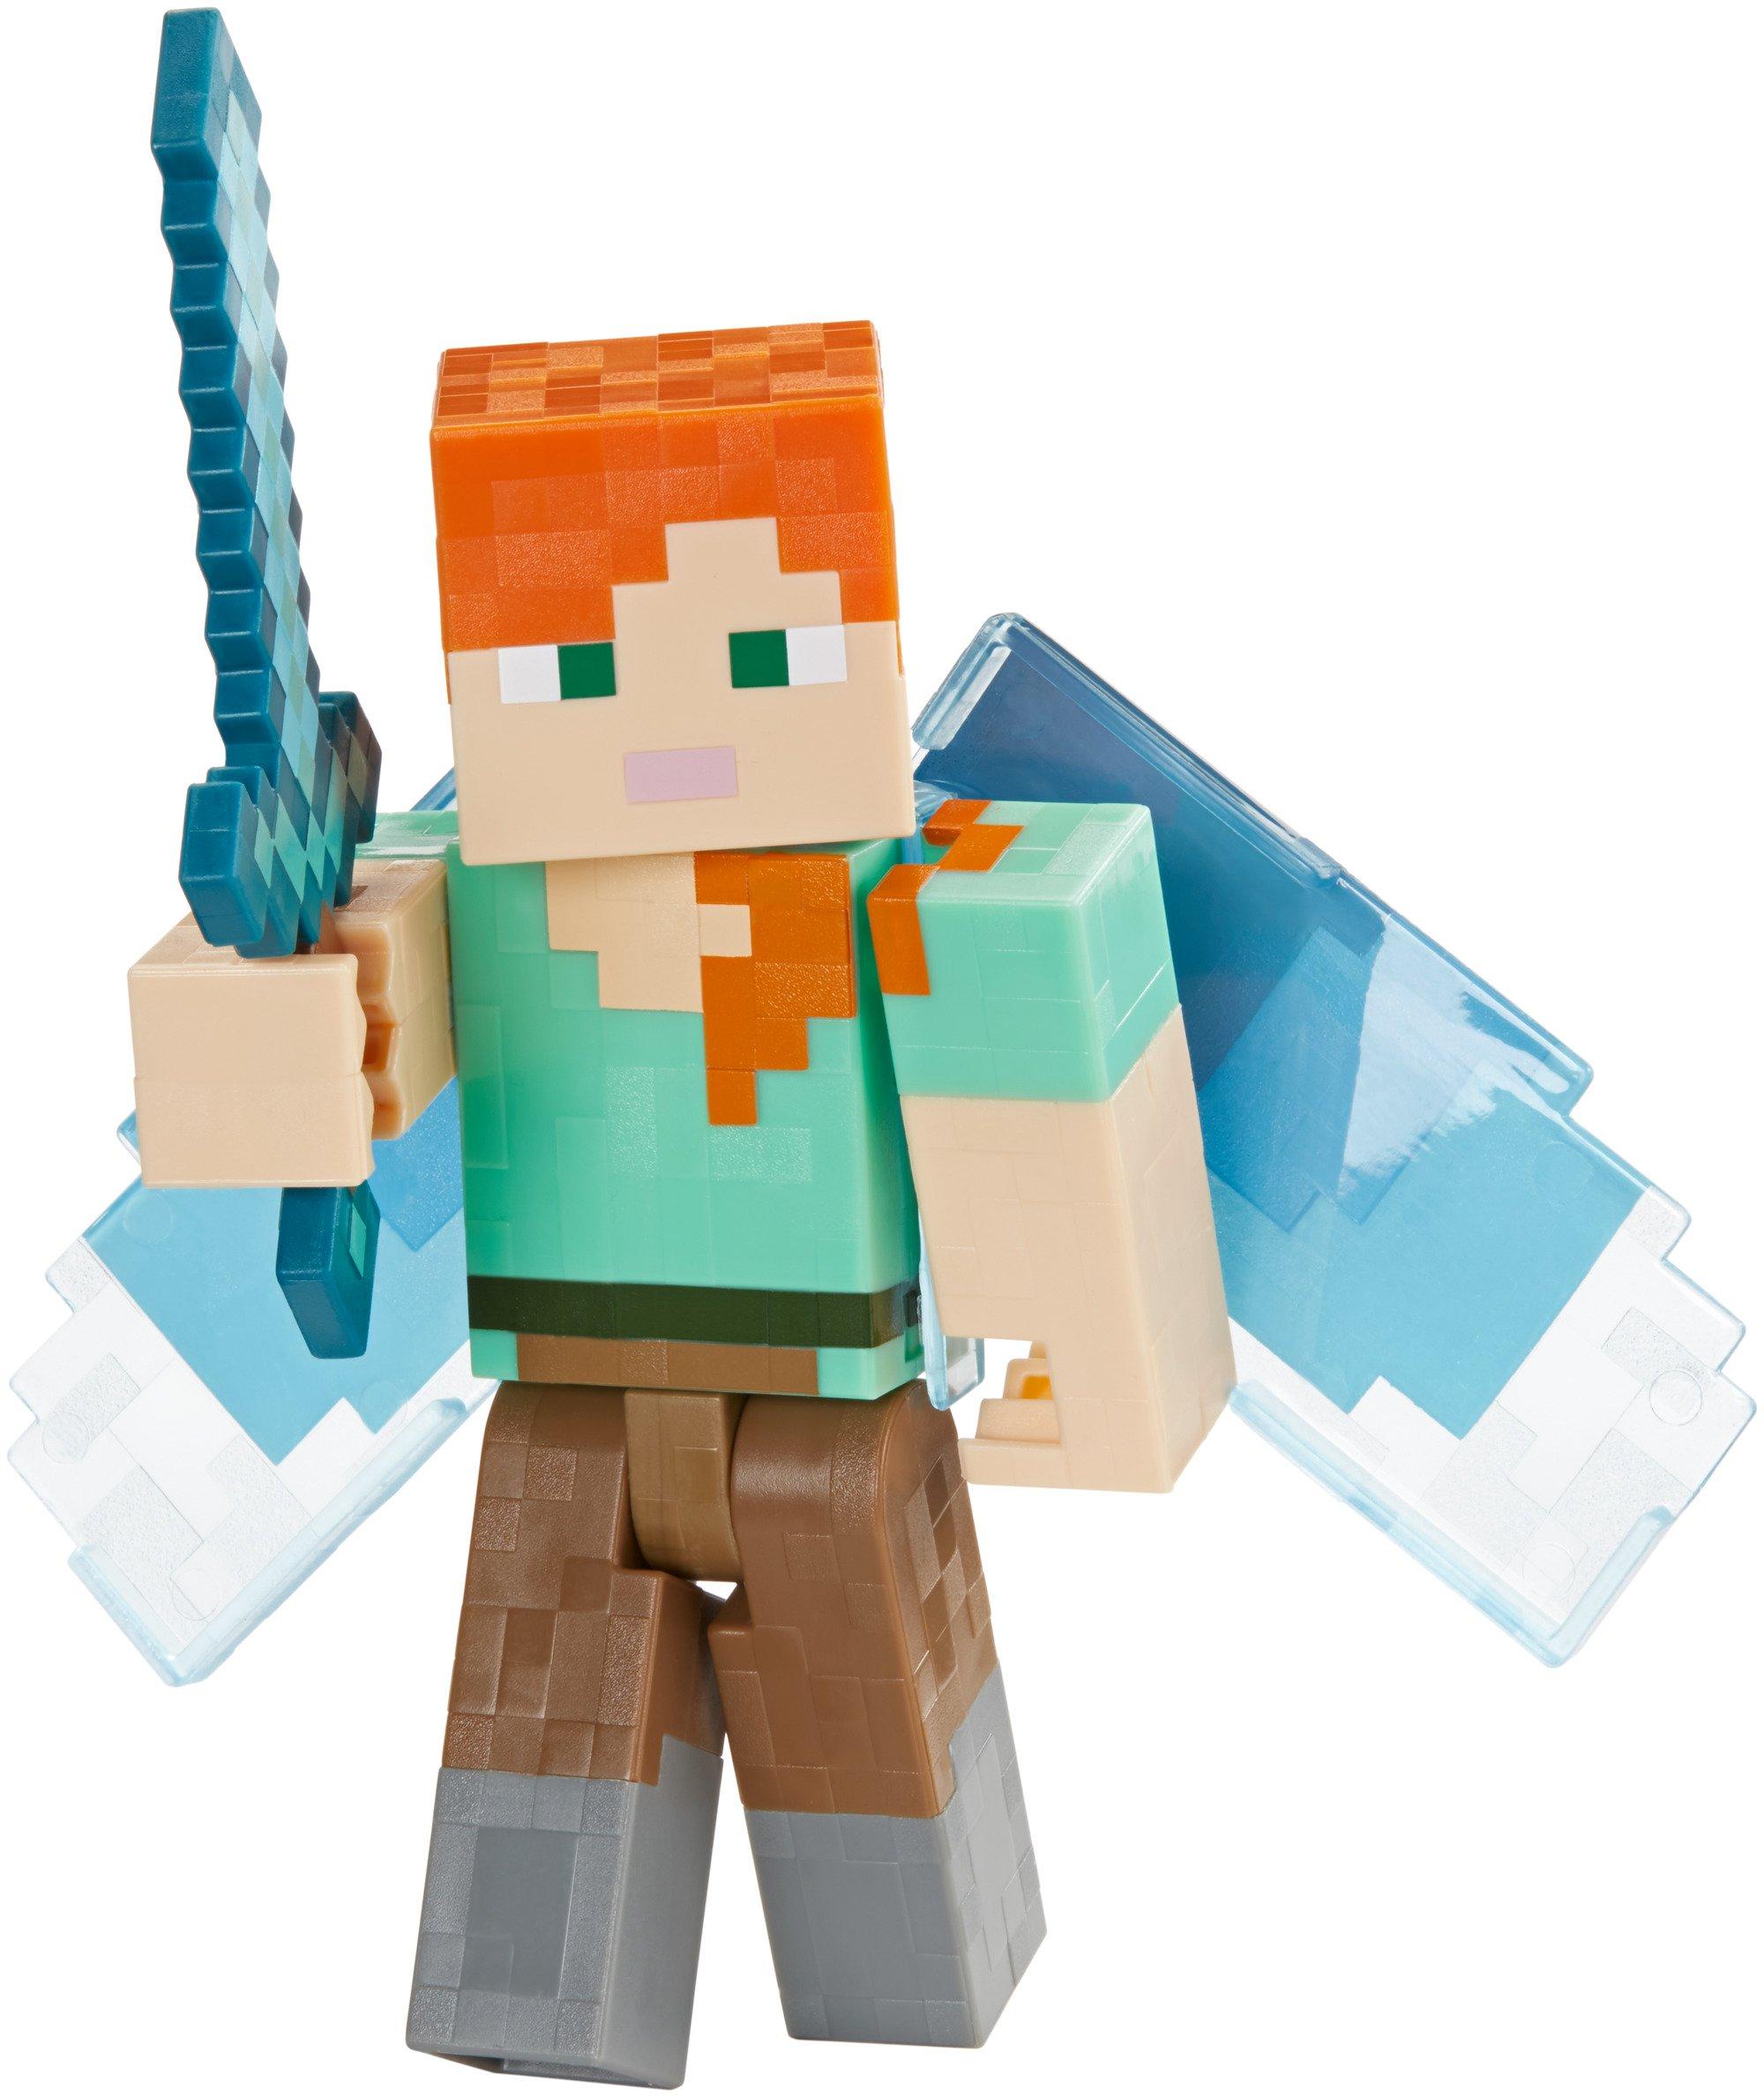 Minecraft FJD17 Alex with Elytra Figur: Amazon.es: Juguetes y juegos